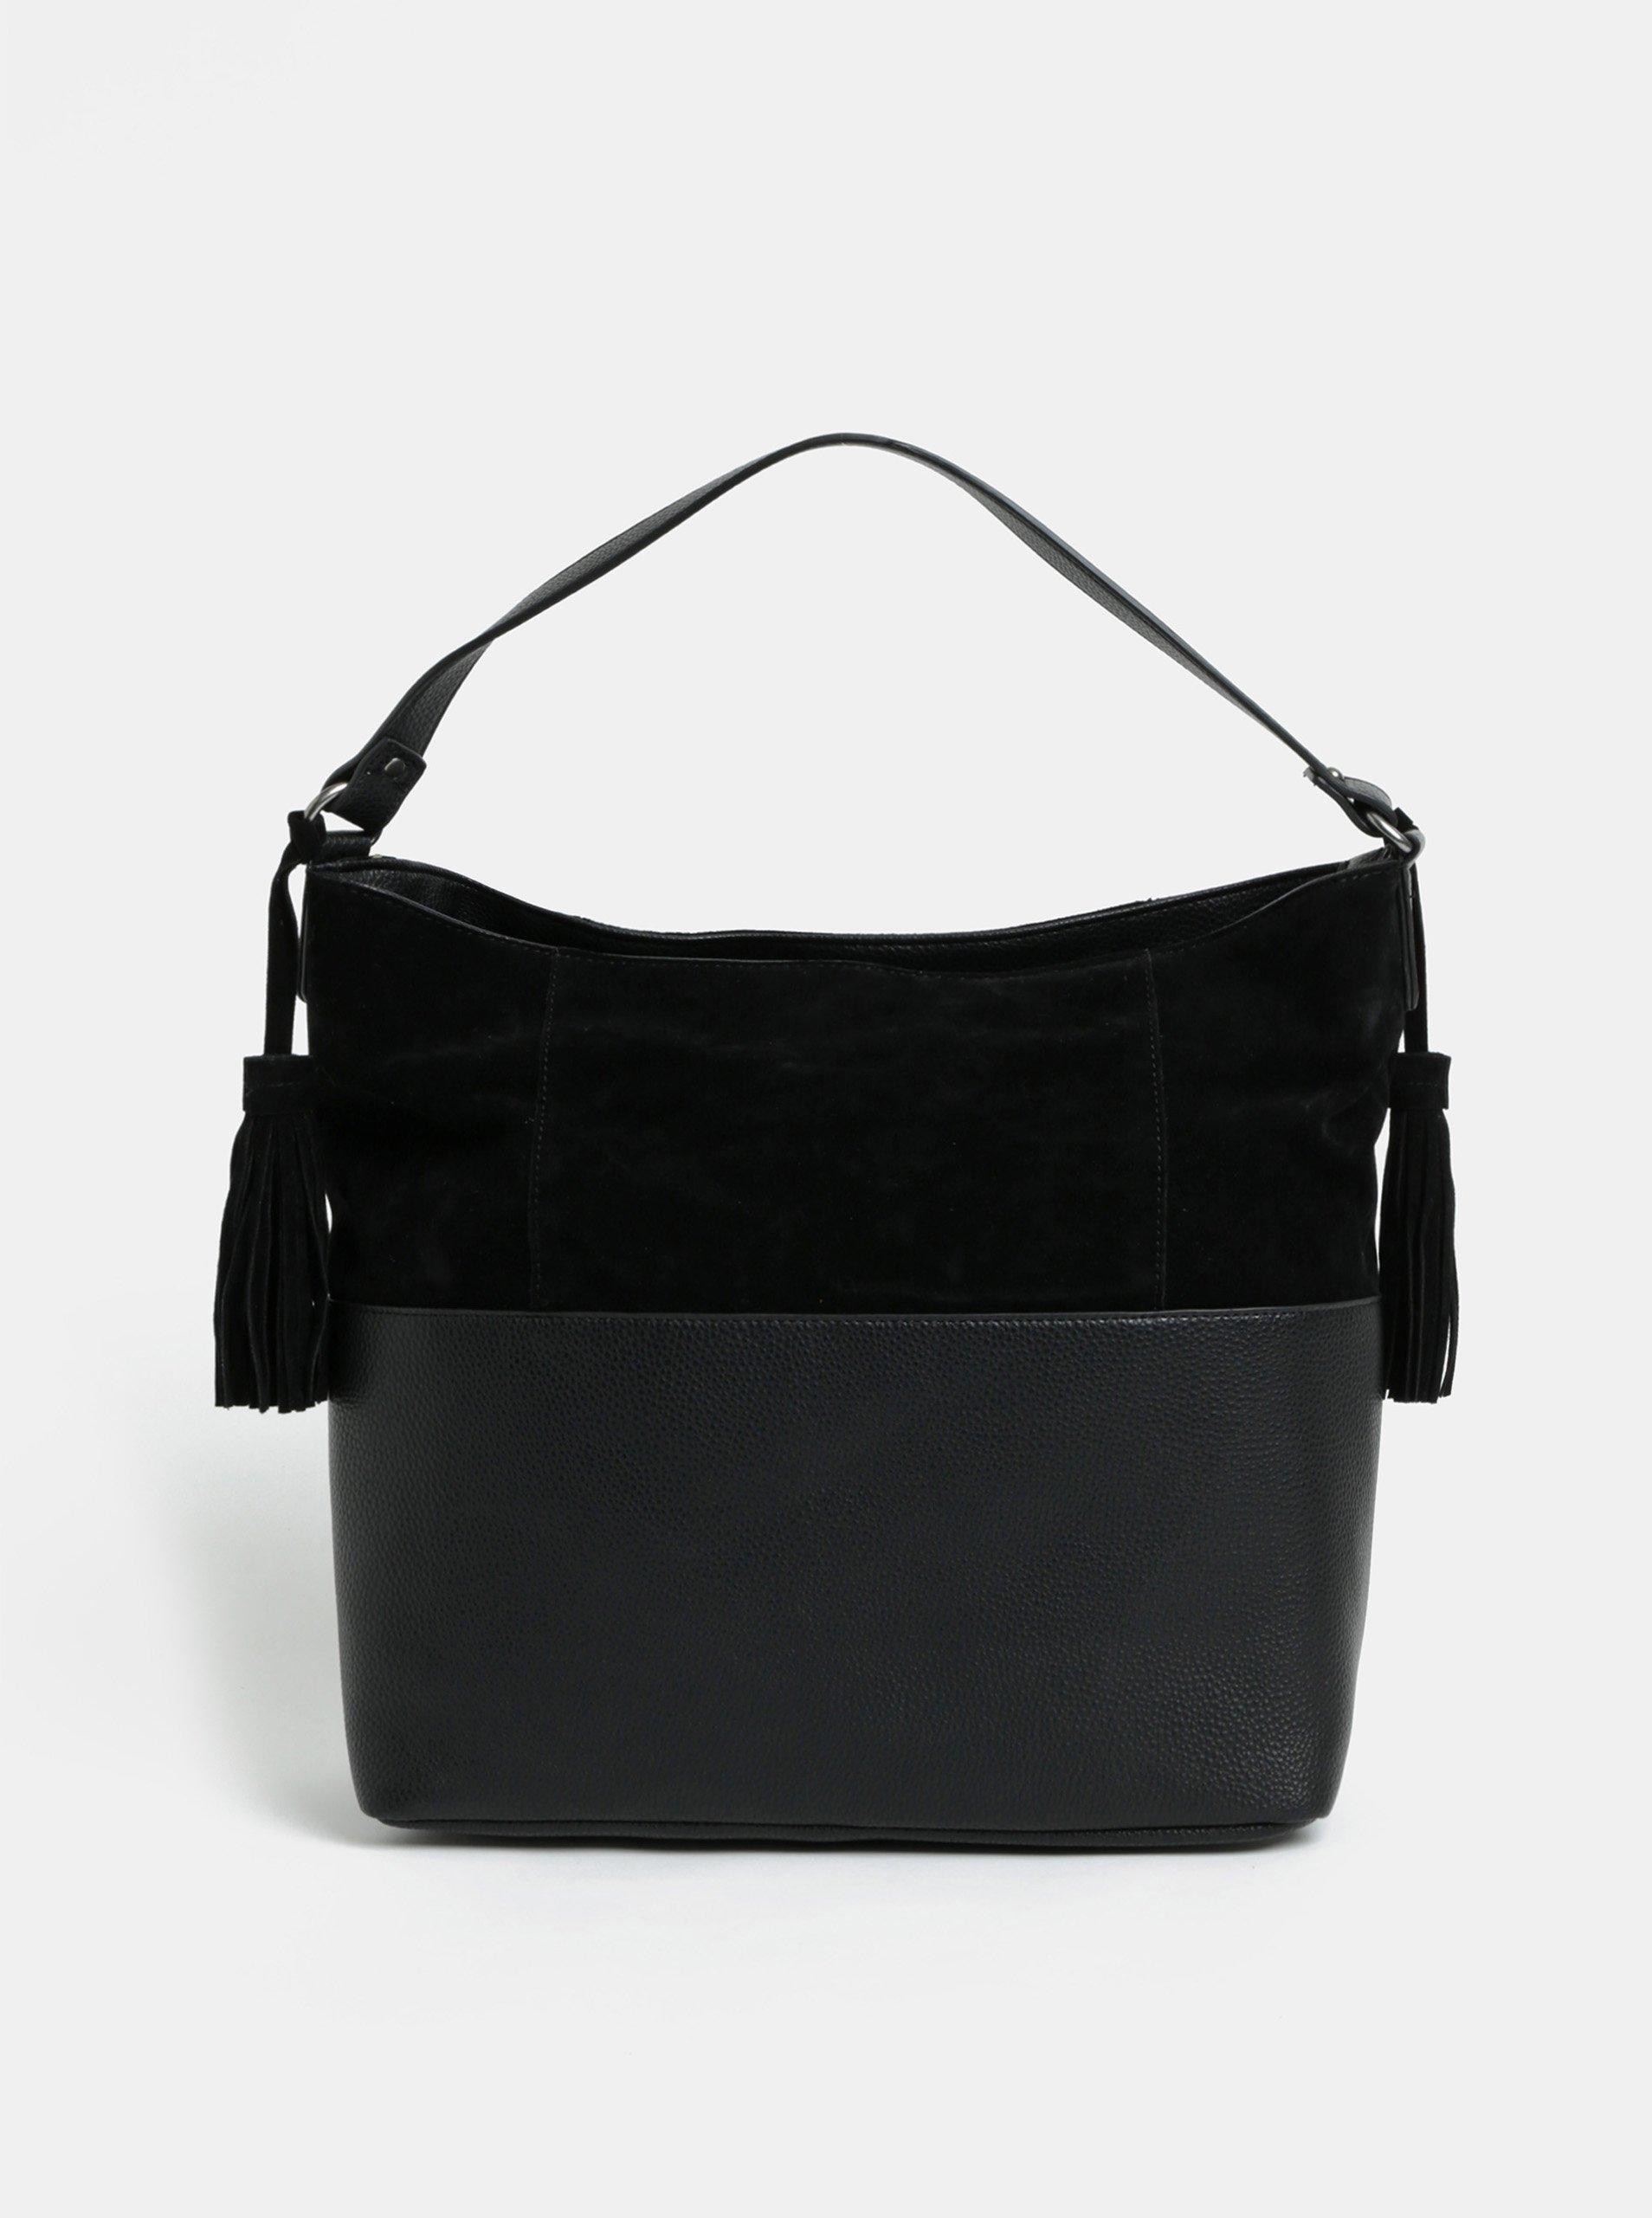 Černá kabelka s třásněmi a detaily v semišové úpravě VERO MODA Malma